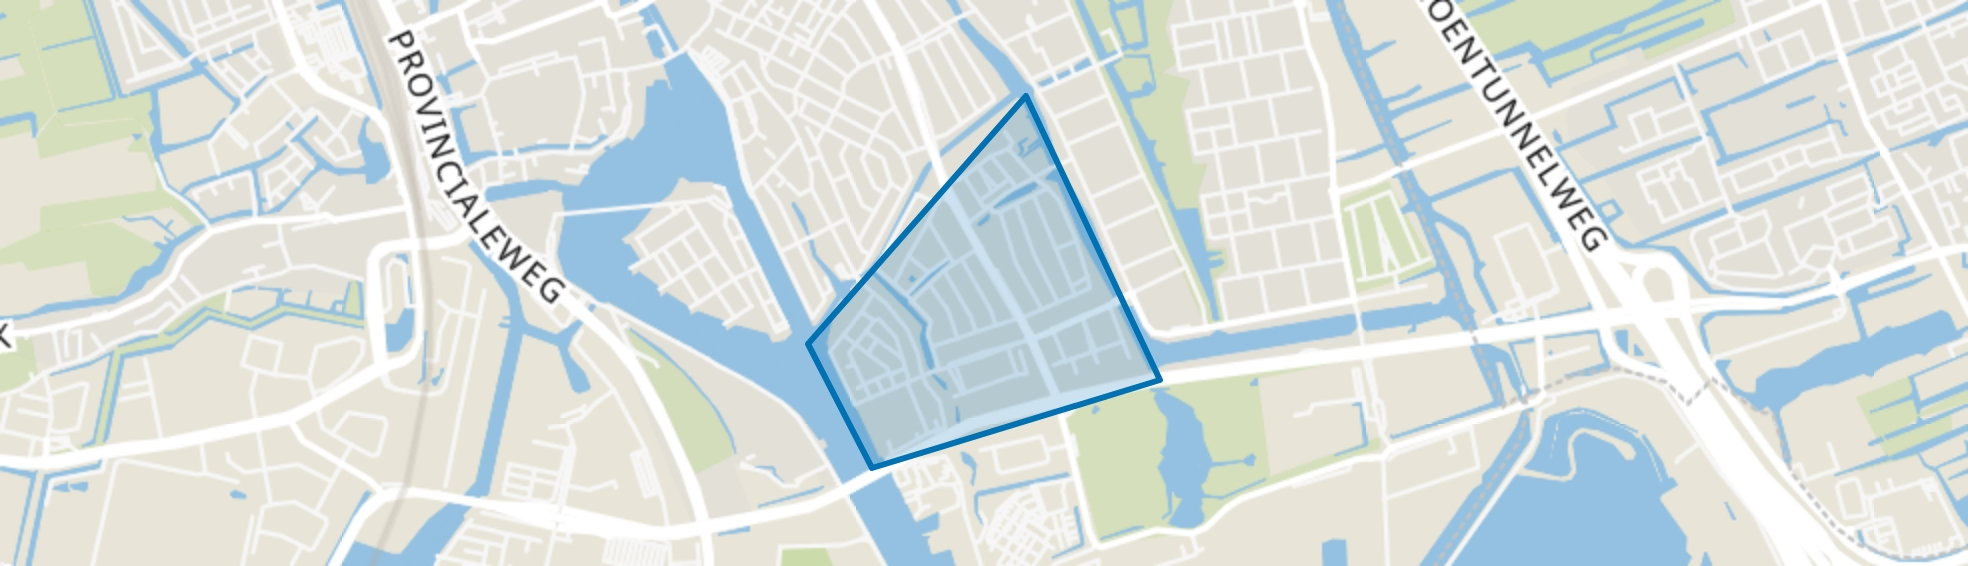 Bomenbuurt, Zaandam map